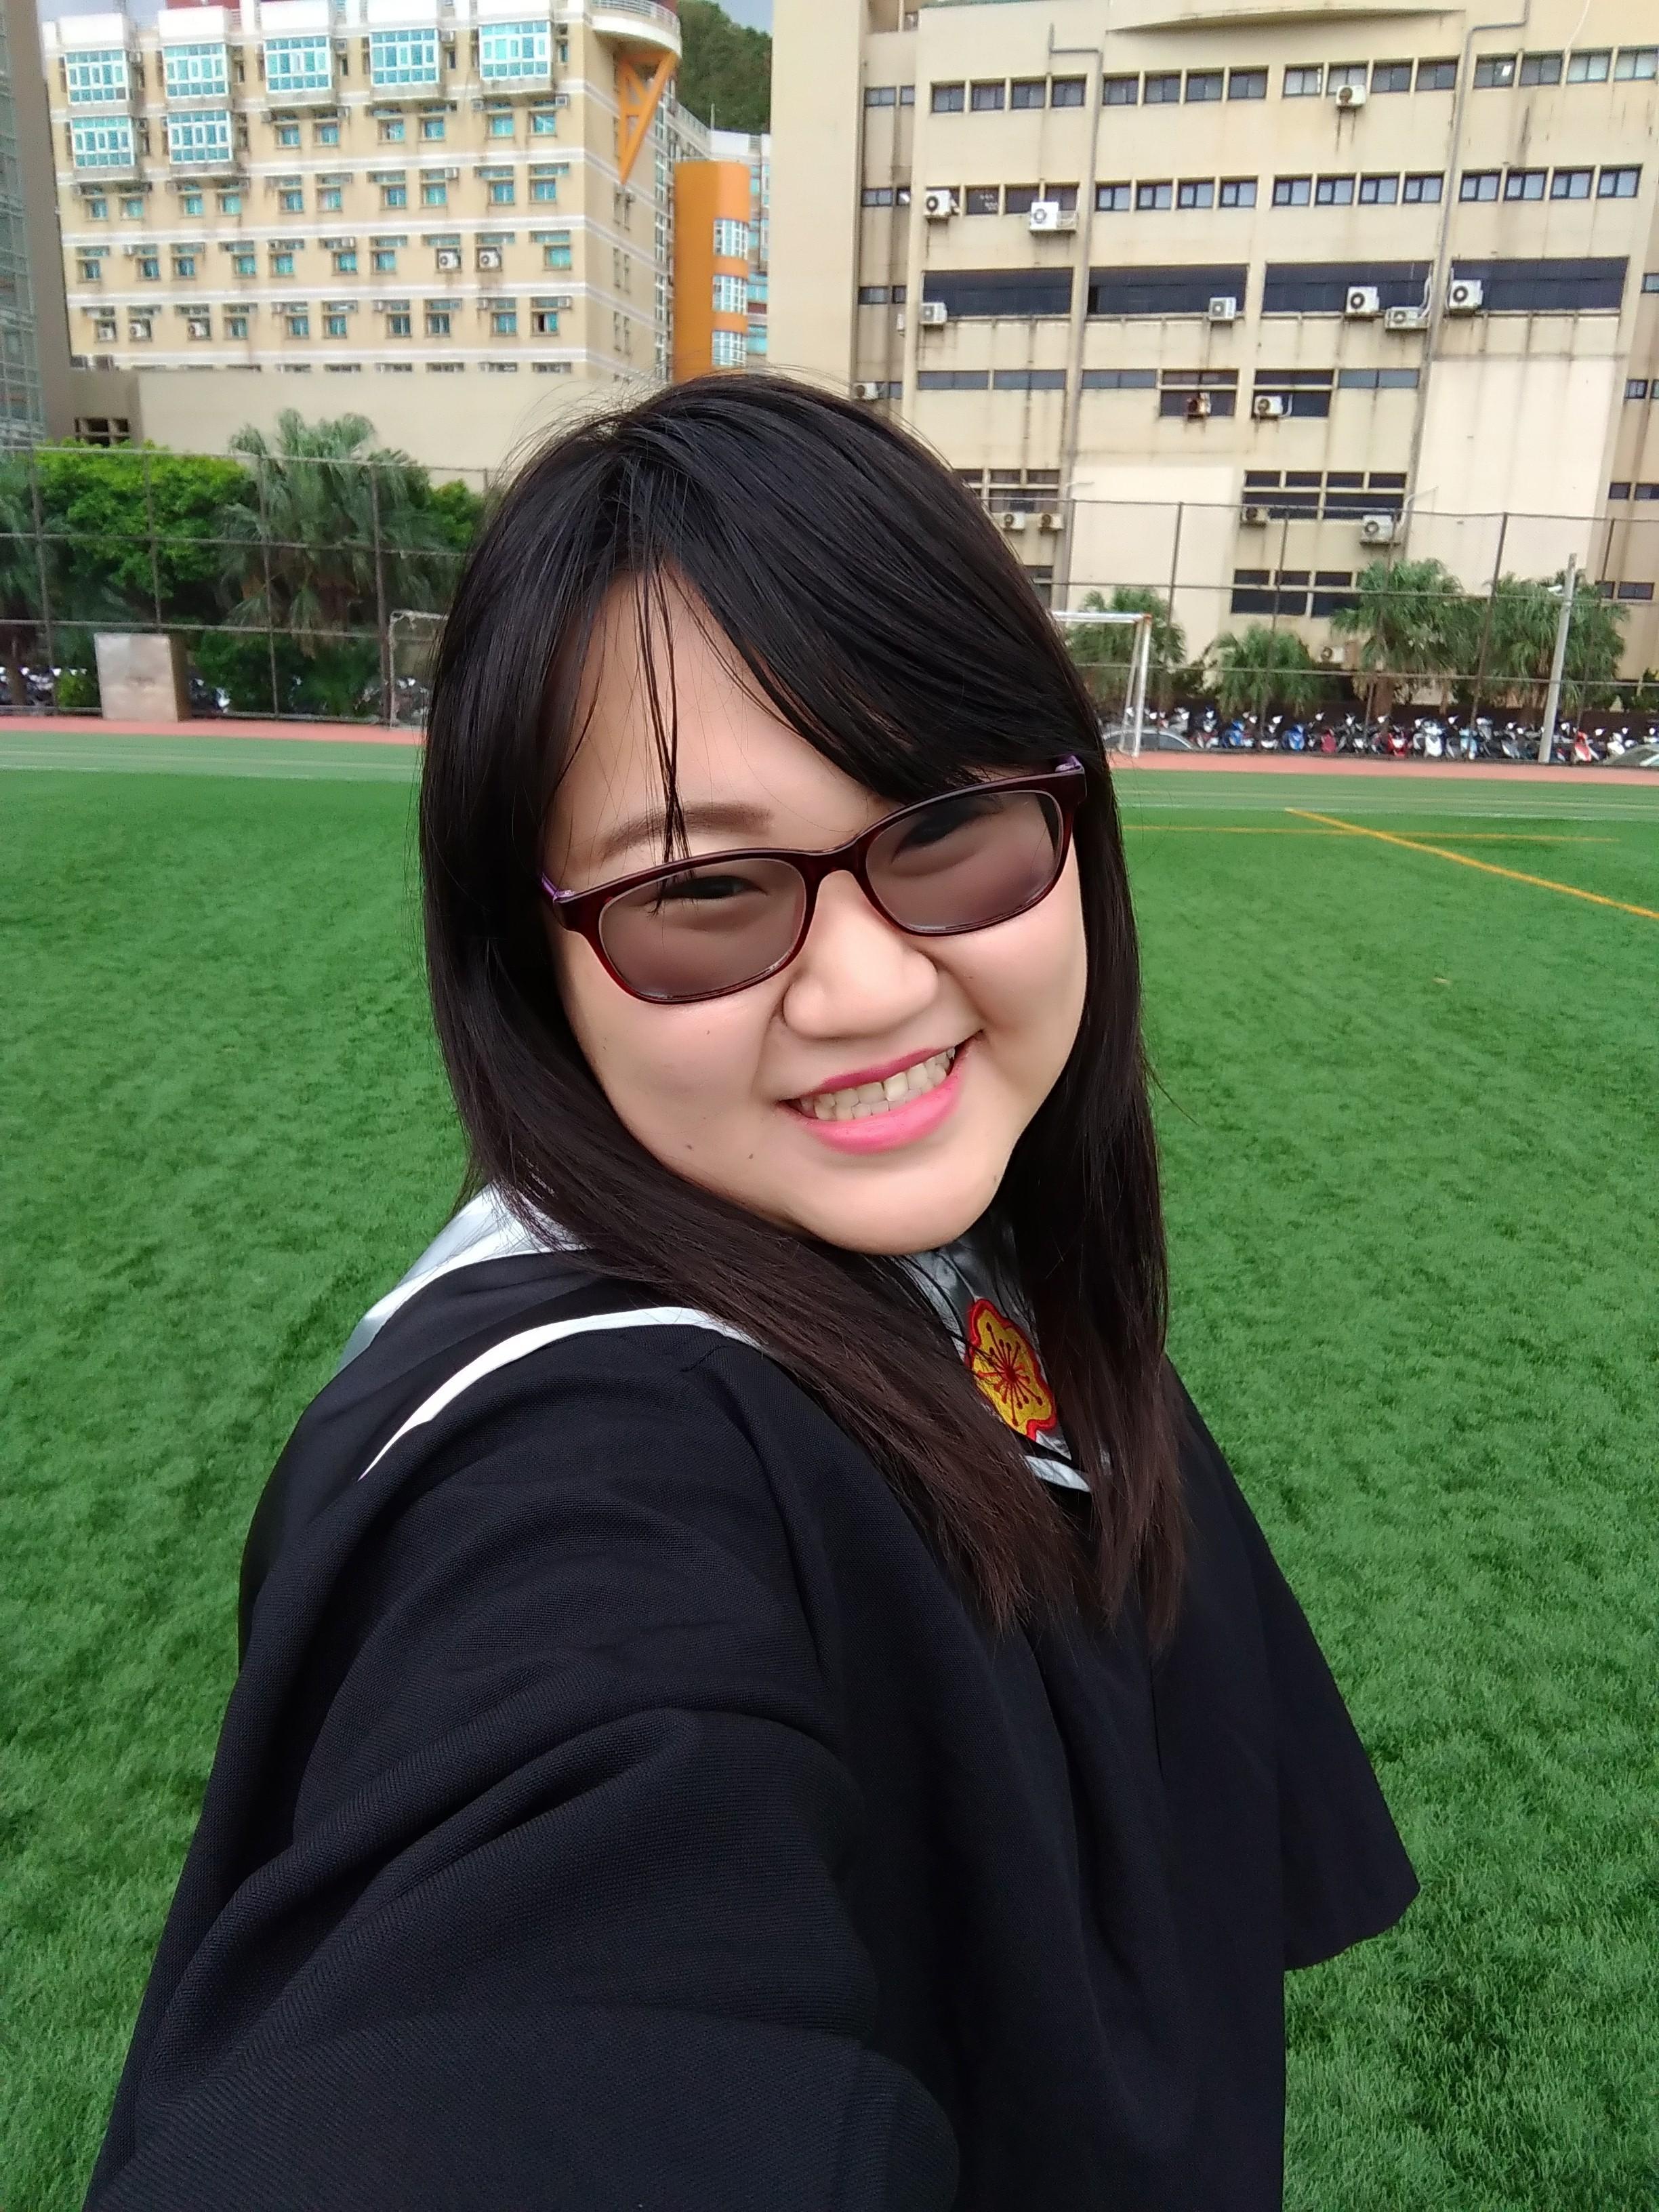 Yun-Jhu Chen 陳韻竹